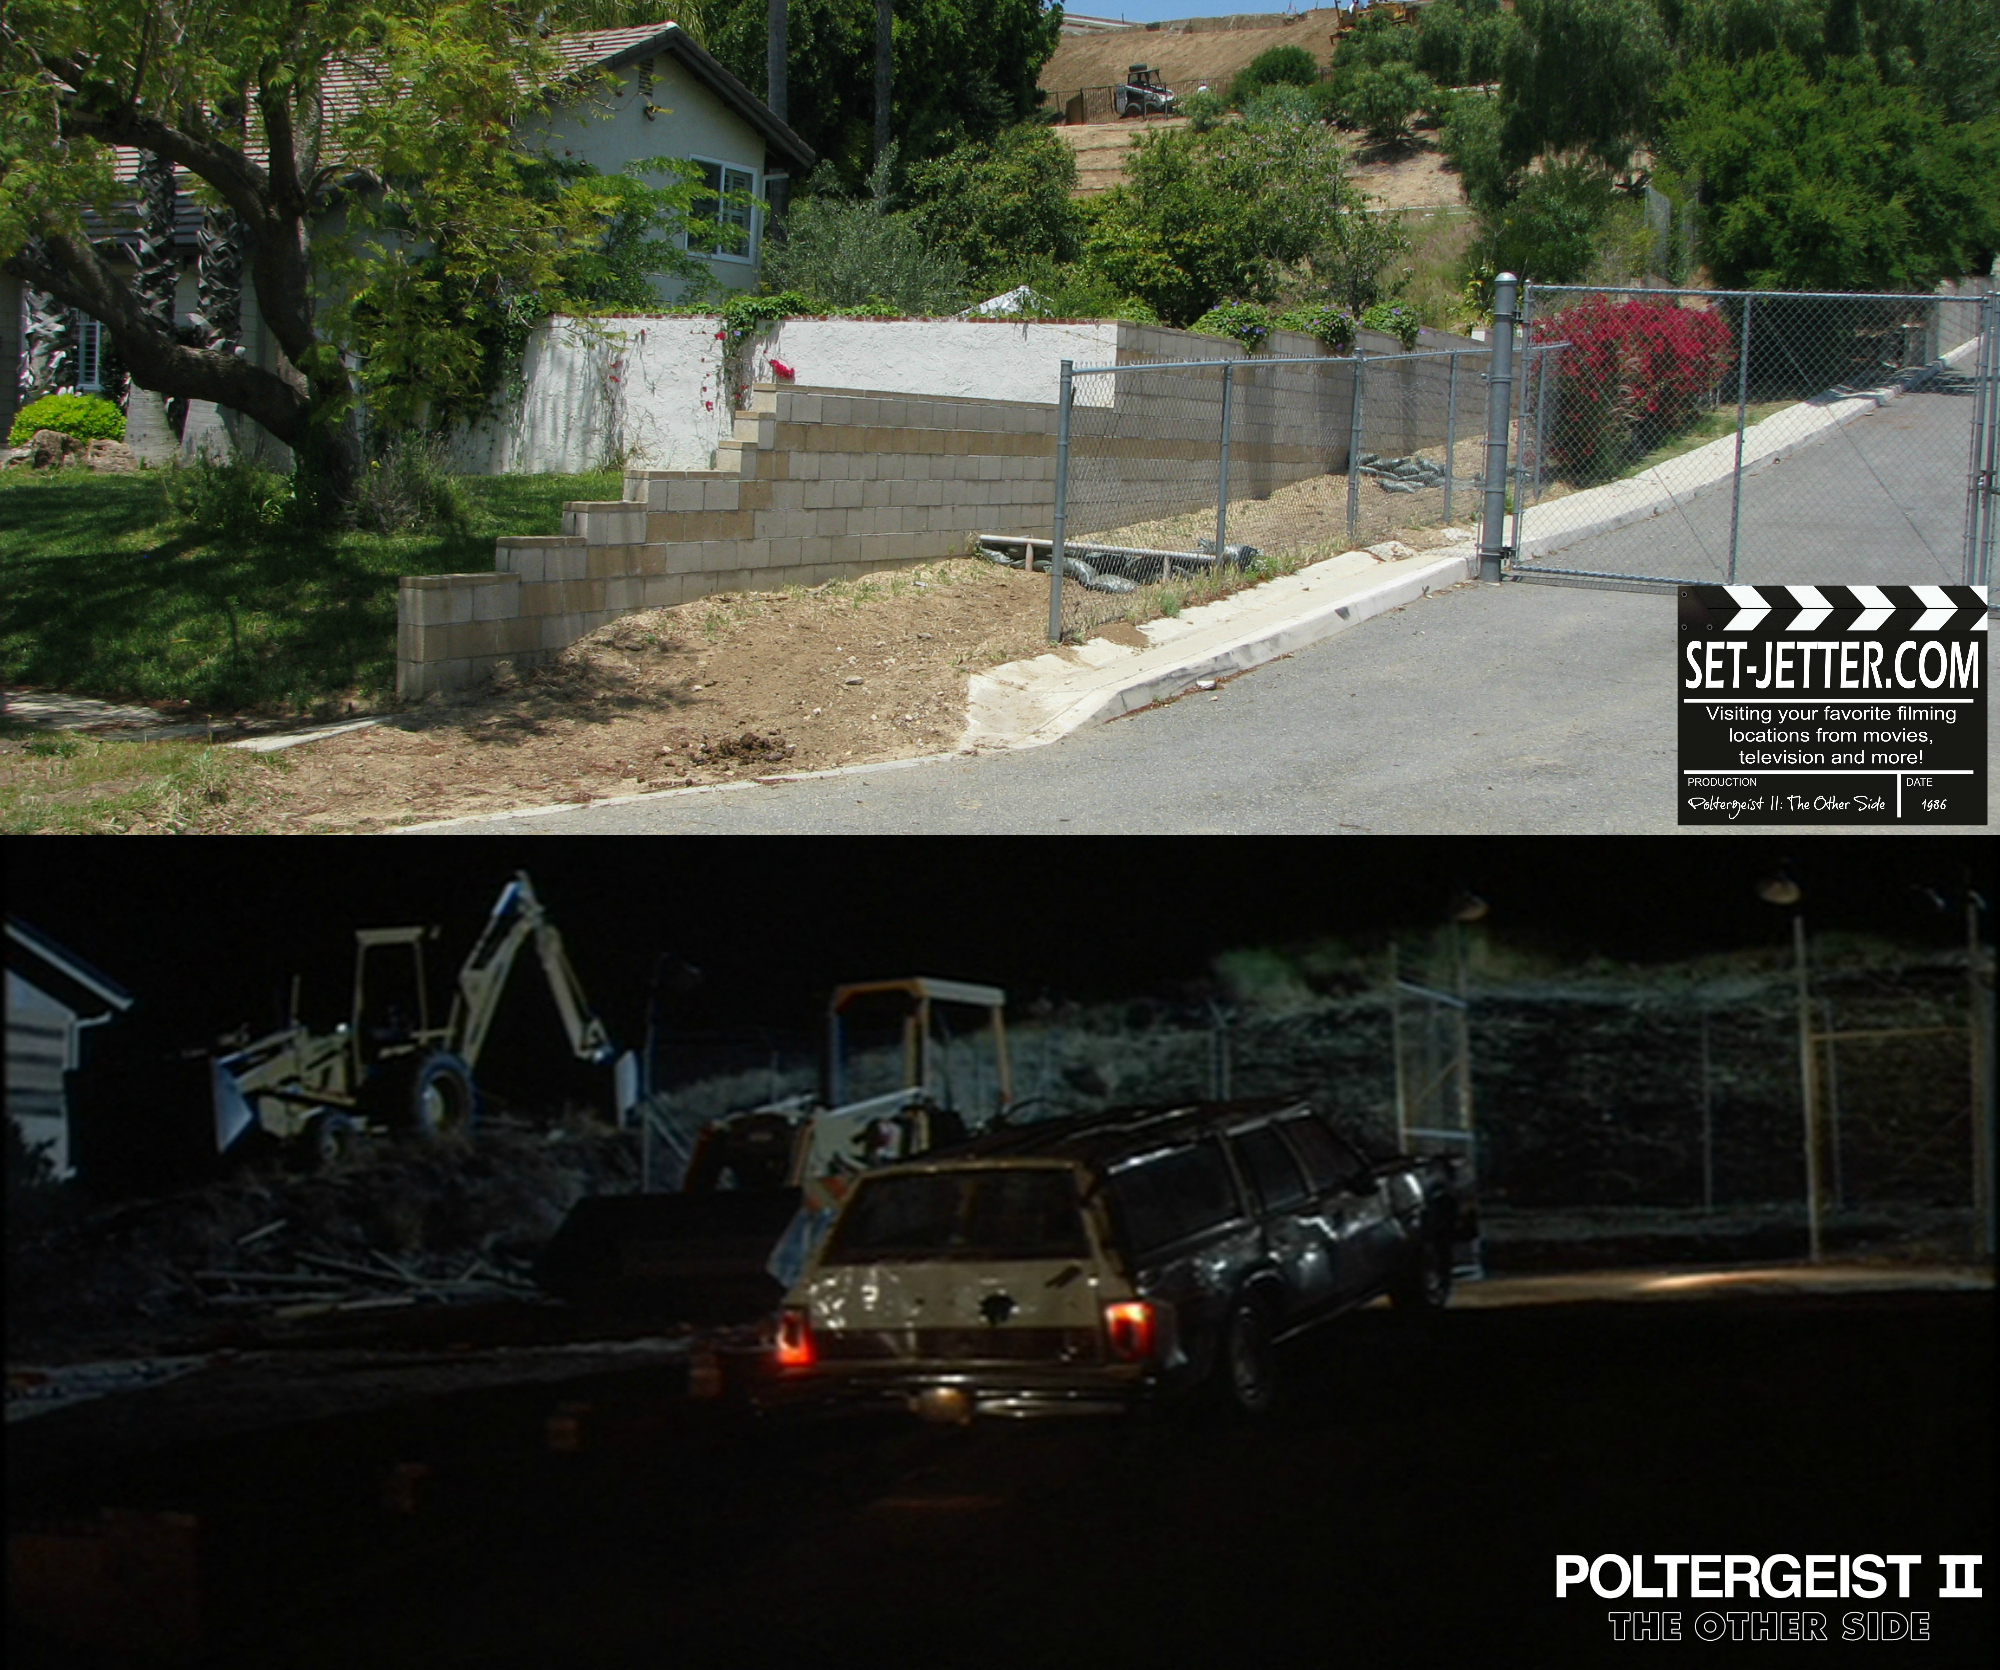 Poltergeist II comparison 11.jpg